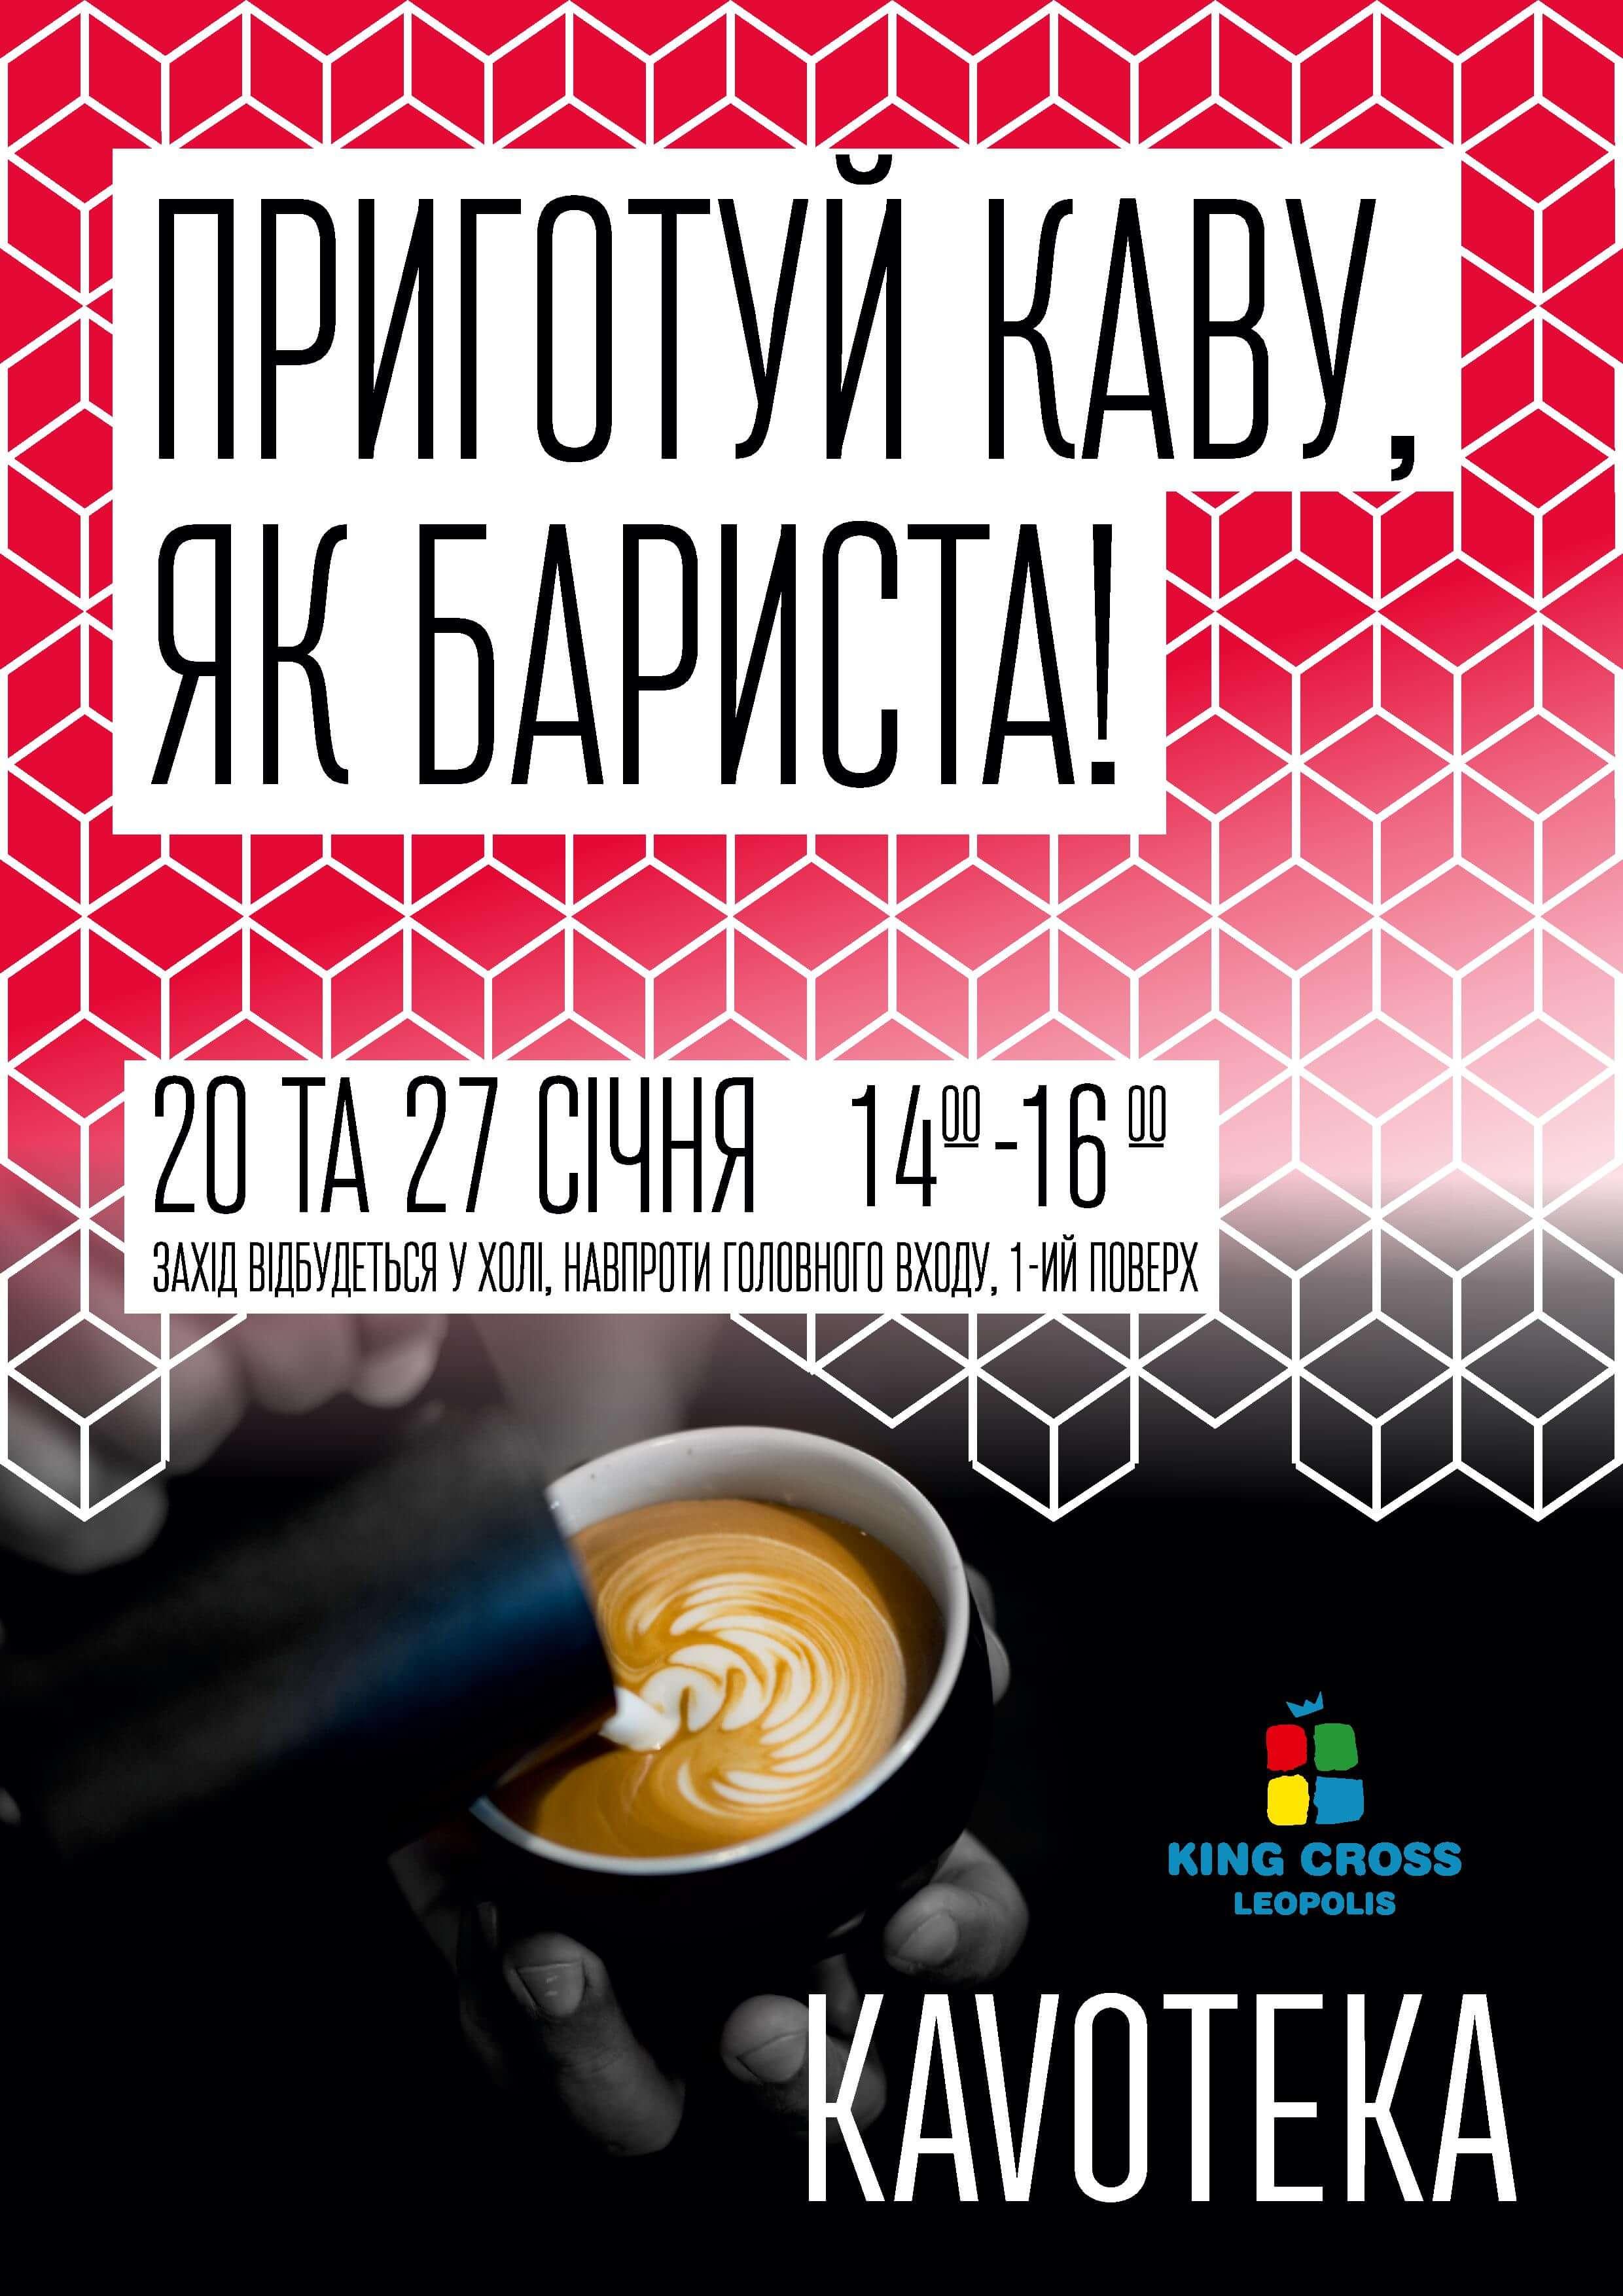 Приготуй каву, як бариста, разом із Kavoteka!